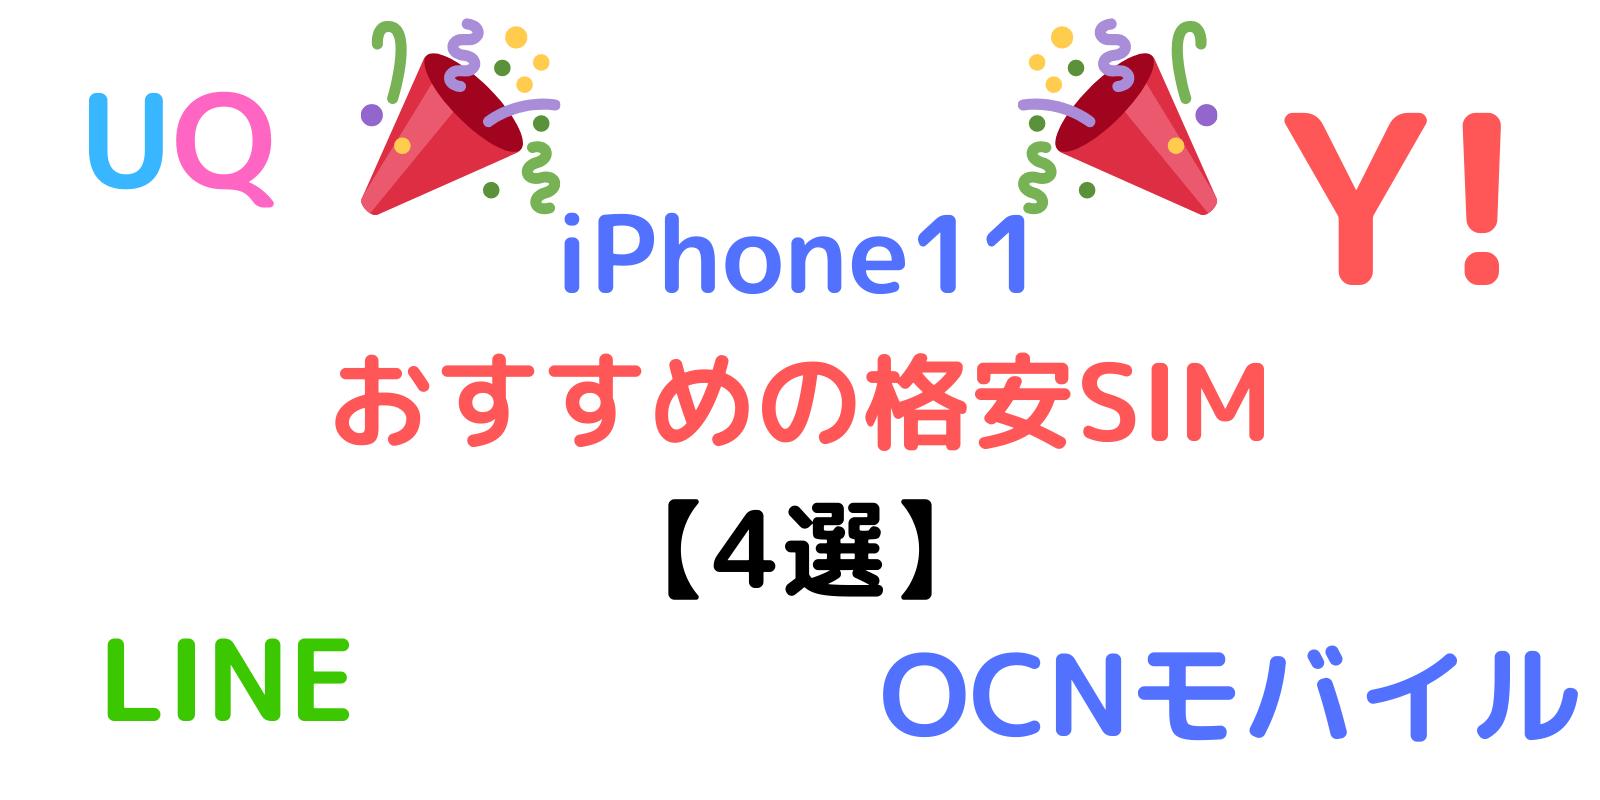 iphone11におすすめの格安SIM